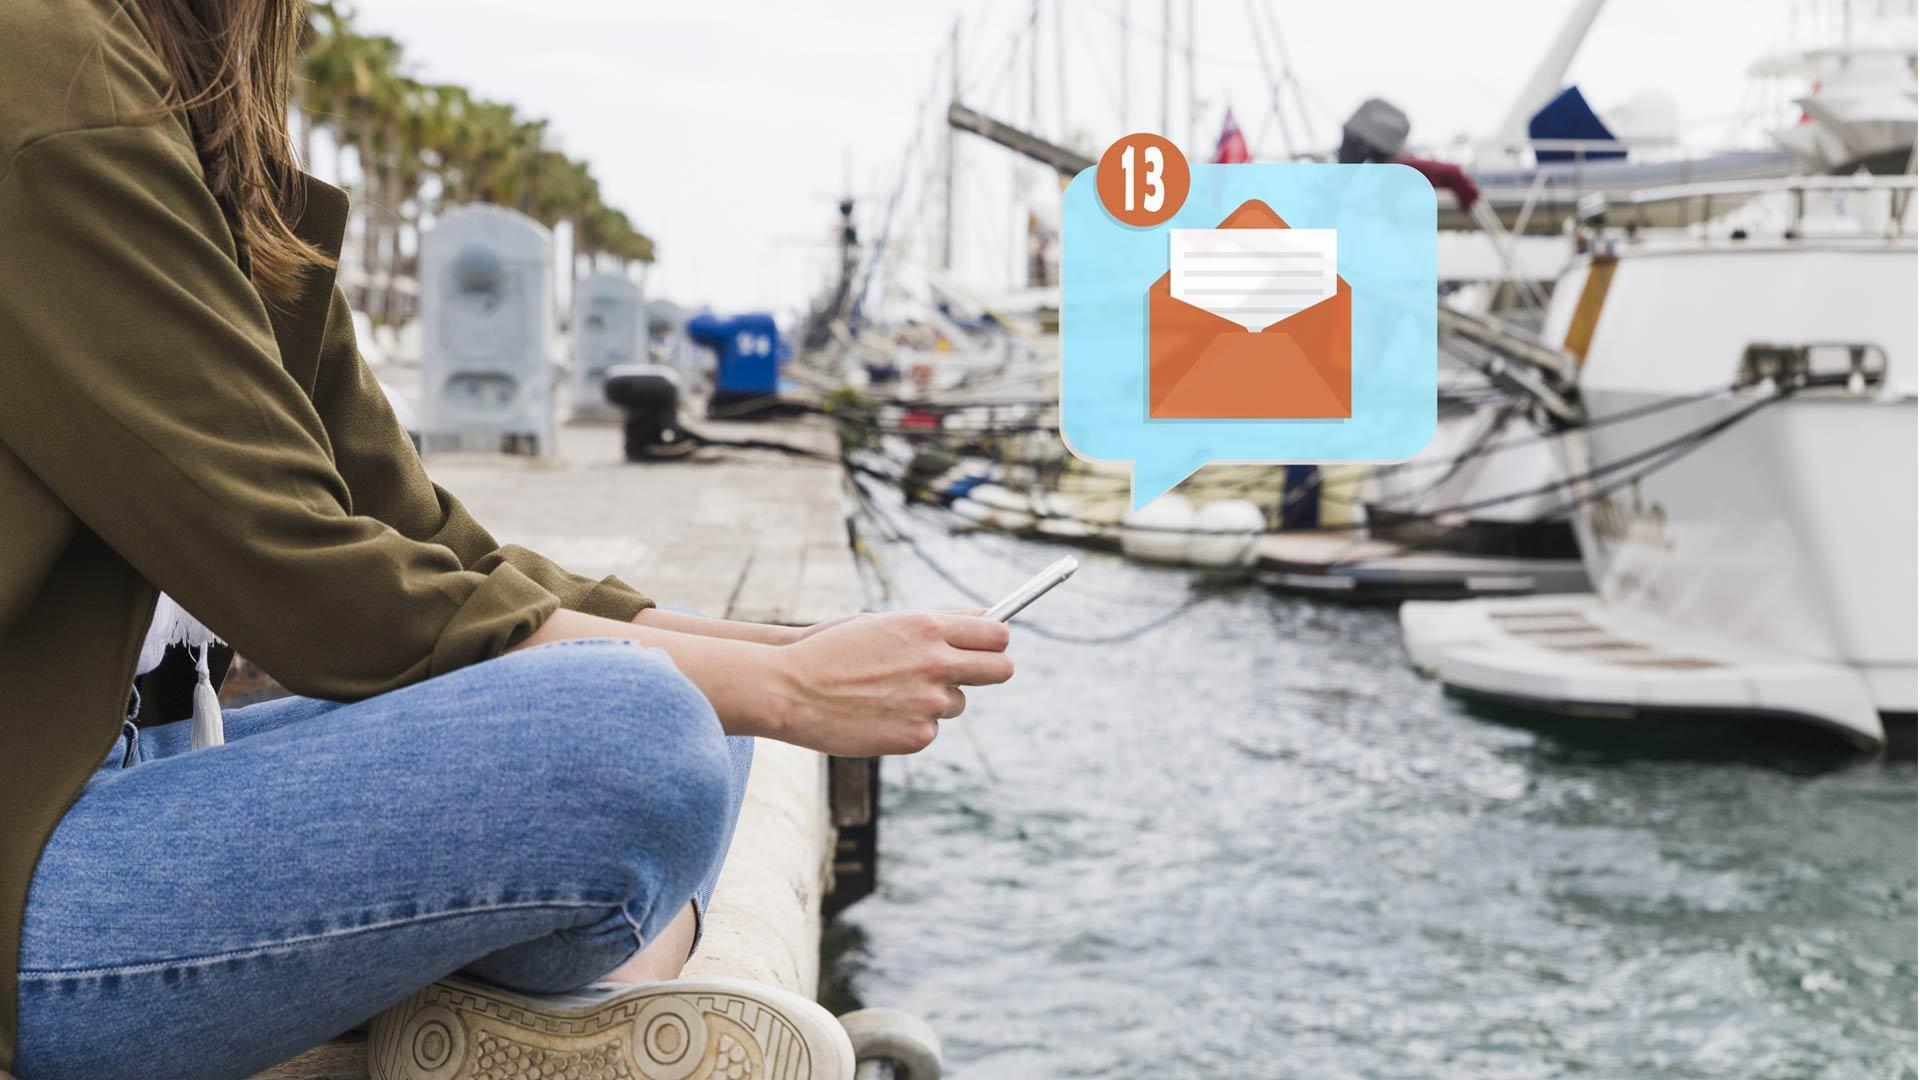 Consigli email marketing: 13 cose da fare e non fare nel 2018